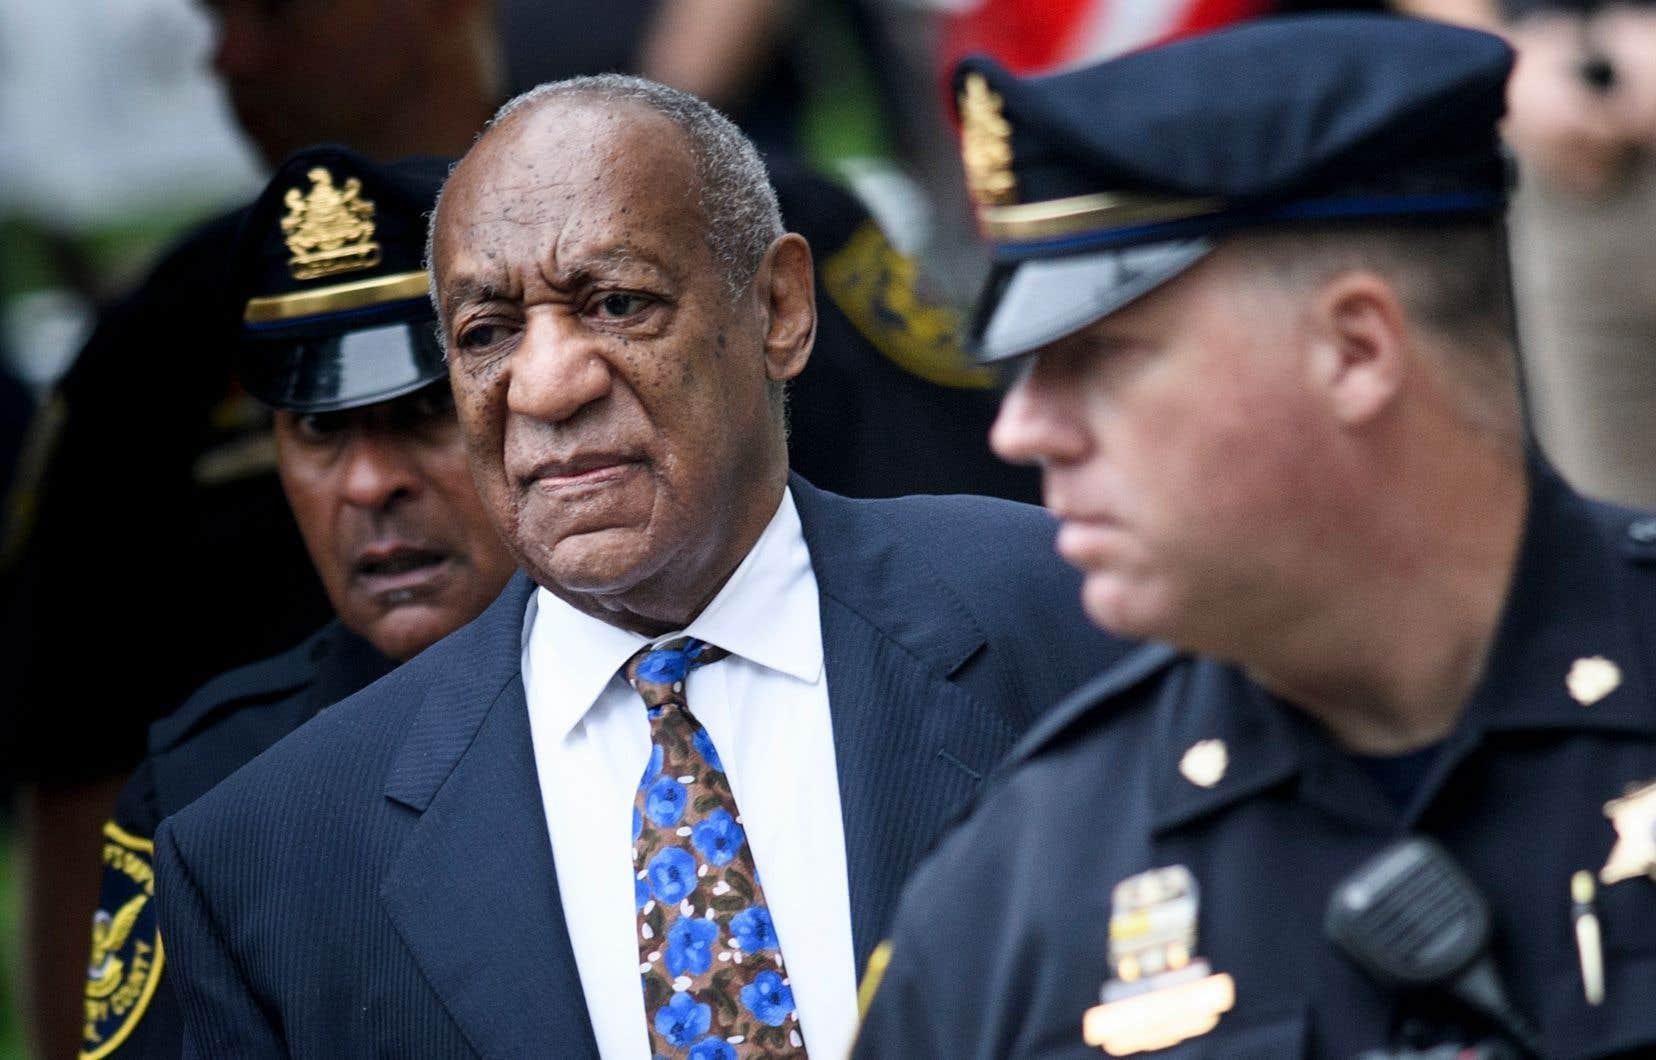 Bill Cosby avait été reconnu coupable par un tribunal de Norristown d'avoir agressé sexuellement Andrea Constand, une femme qu'il avait invitée à son domicile en 2004.